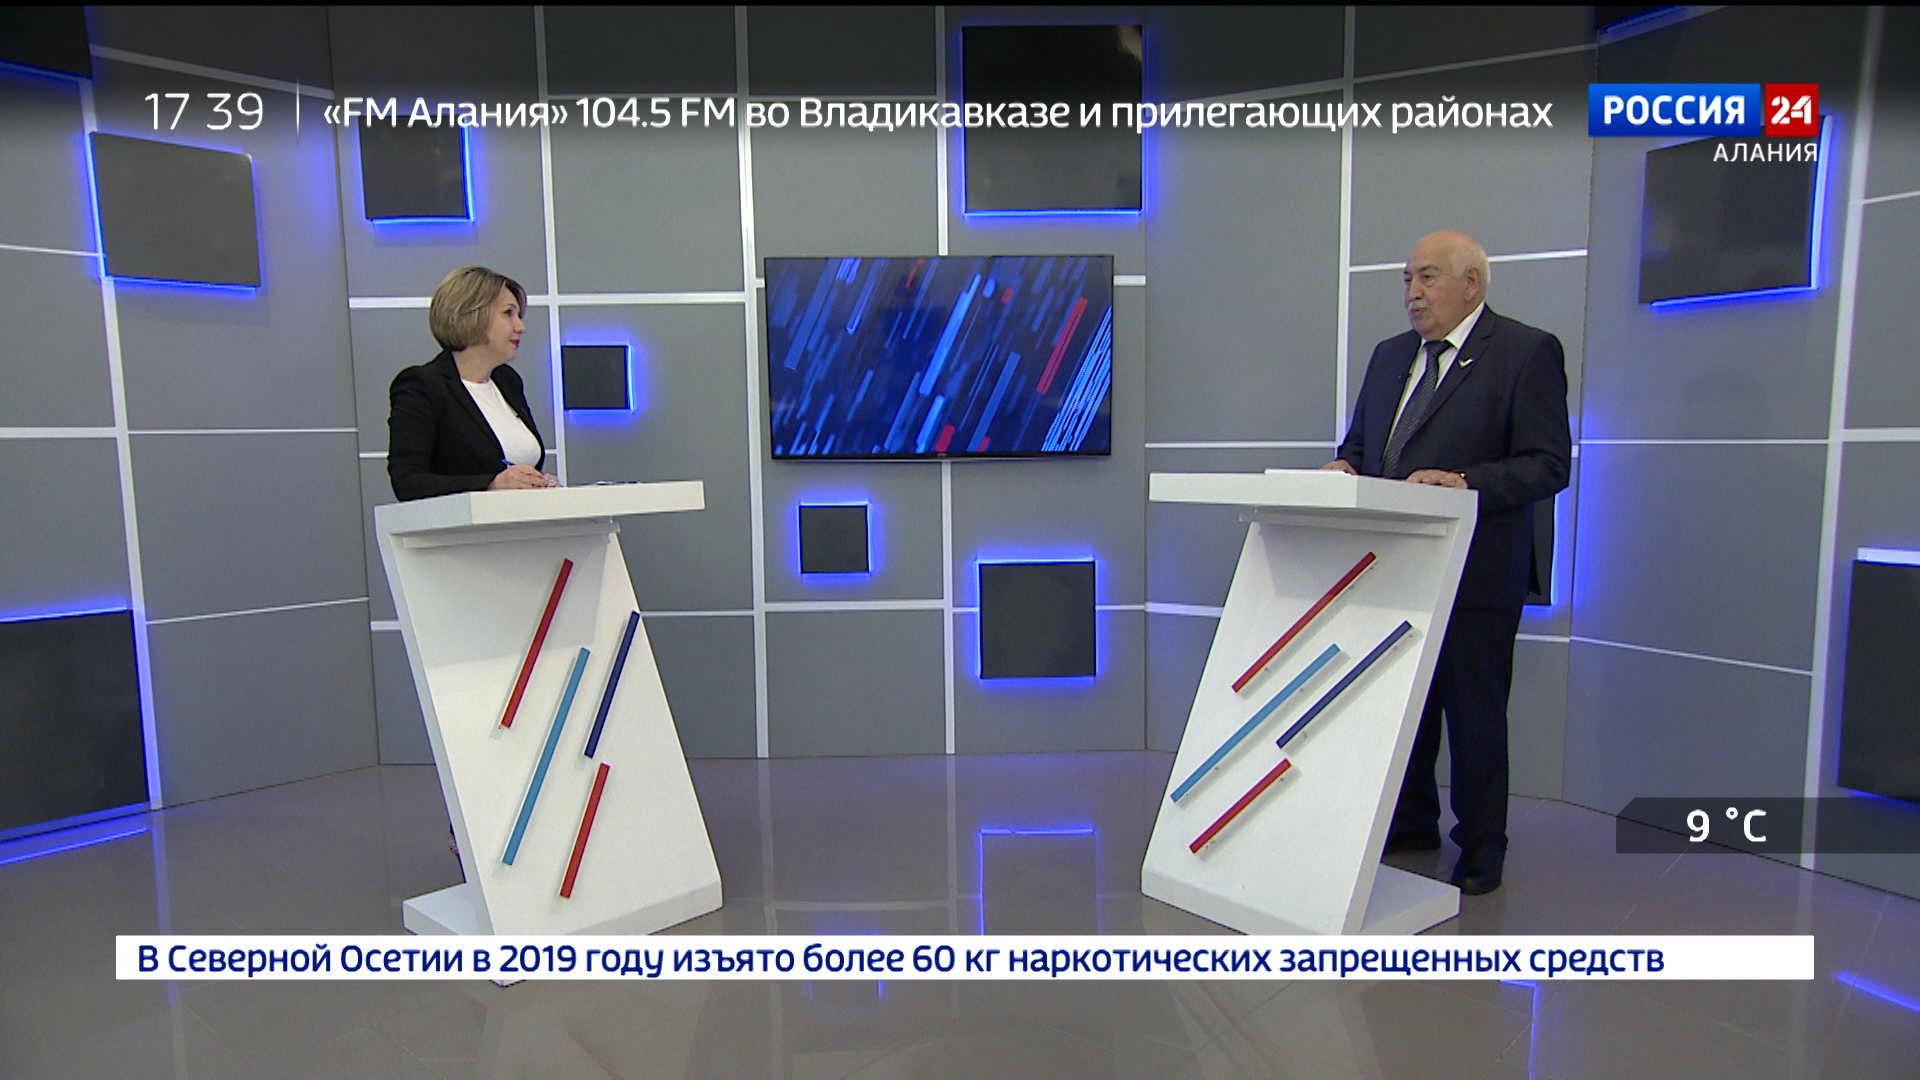 Россия 24. Закрепление социальных гарантий в Конституции РФ